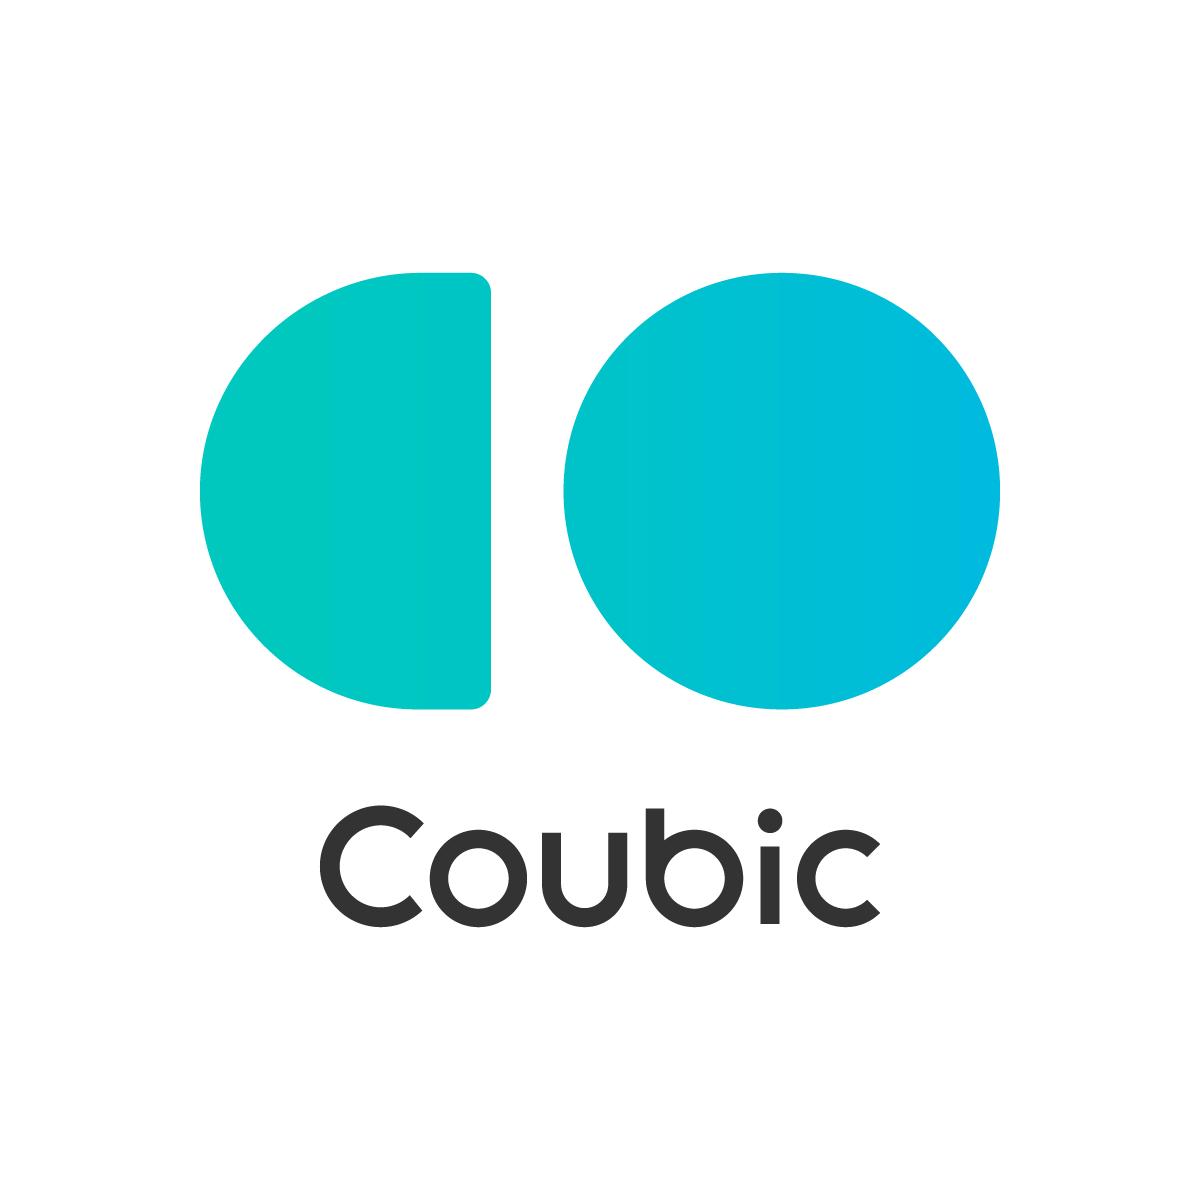 予約システム Coubic (クービック)|無料から使える予約管理システム